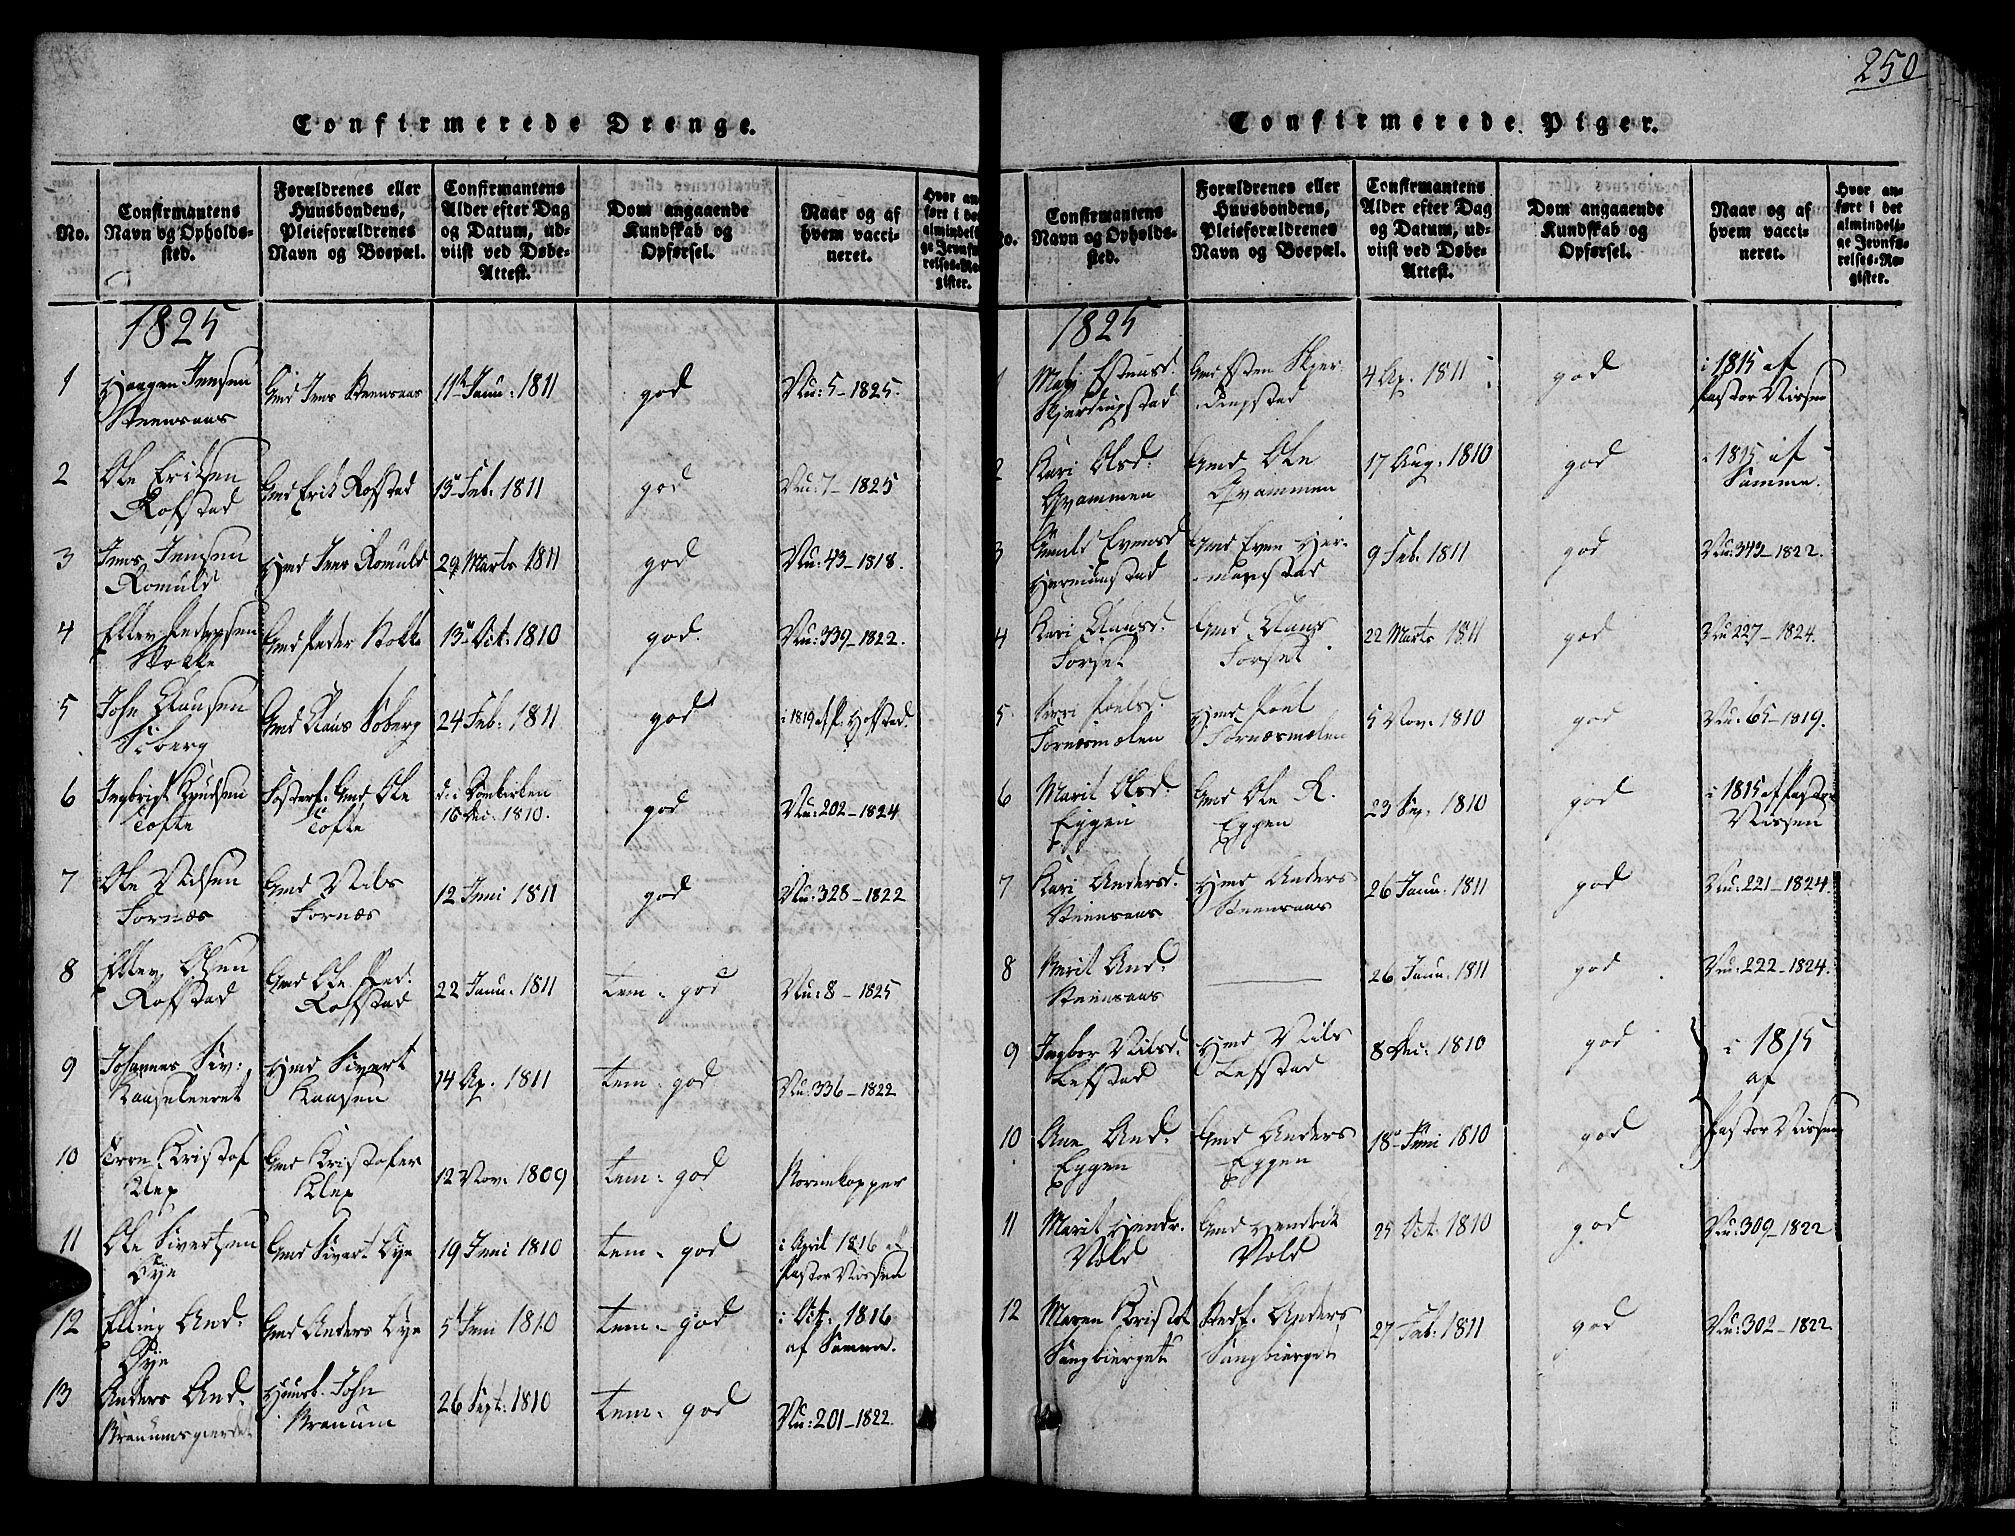 SAT, Ministerialprotokoller, klokkerbøker og fødselsregistre - Sør-Trøndelag, 691/L1065: Ministerialbok nr. 691A03 /1, 1816-1826, s. 250